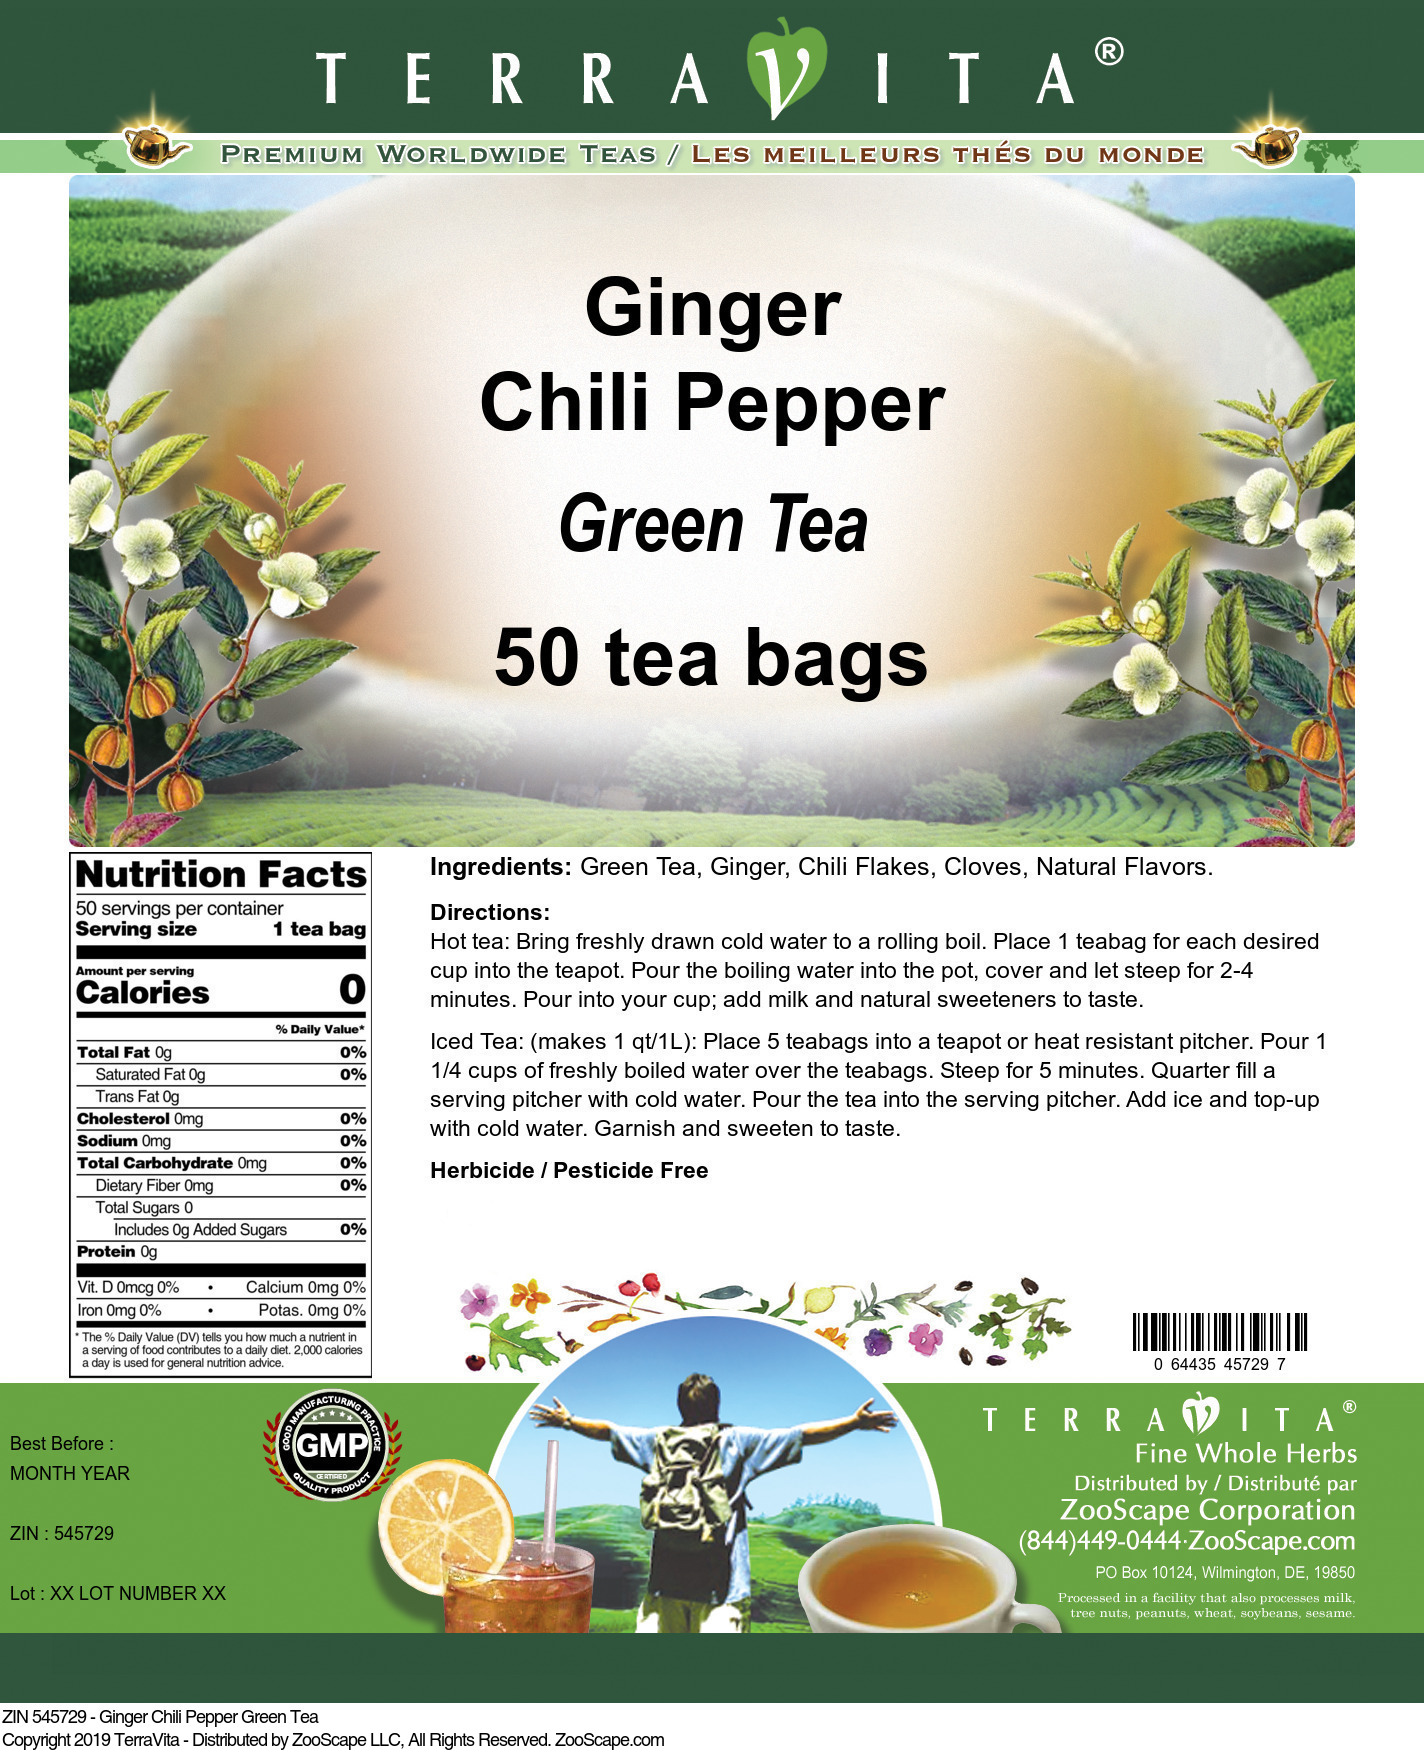 Ginger Chili Pepper Green Tea